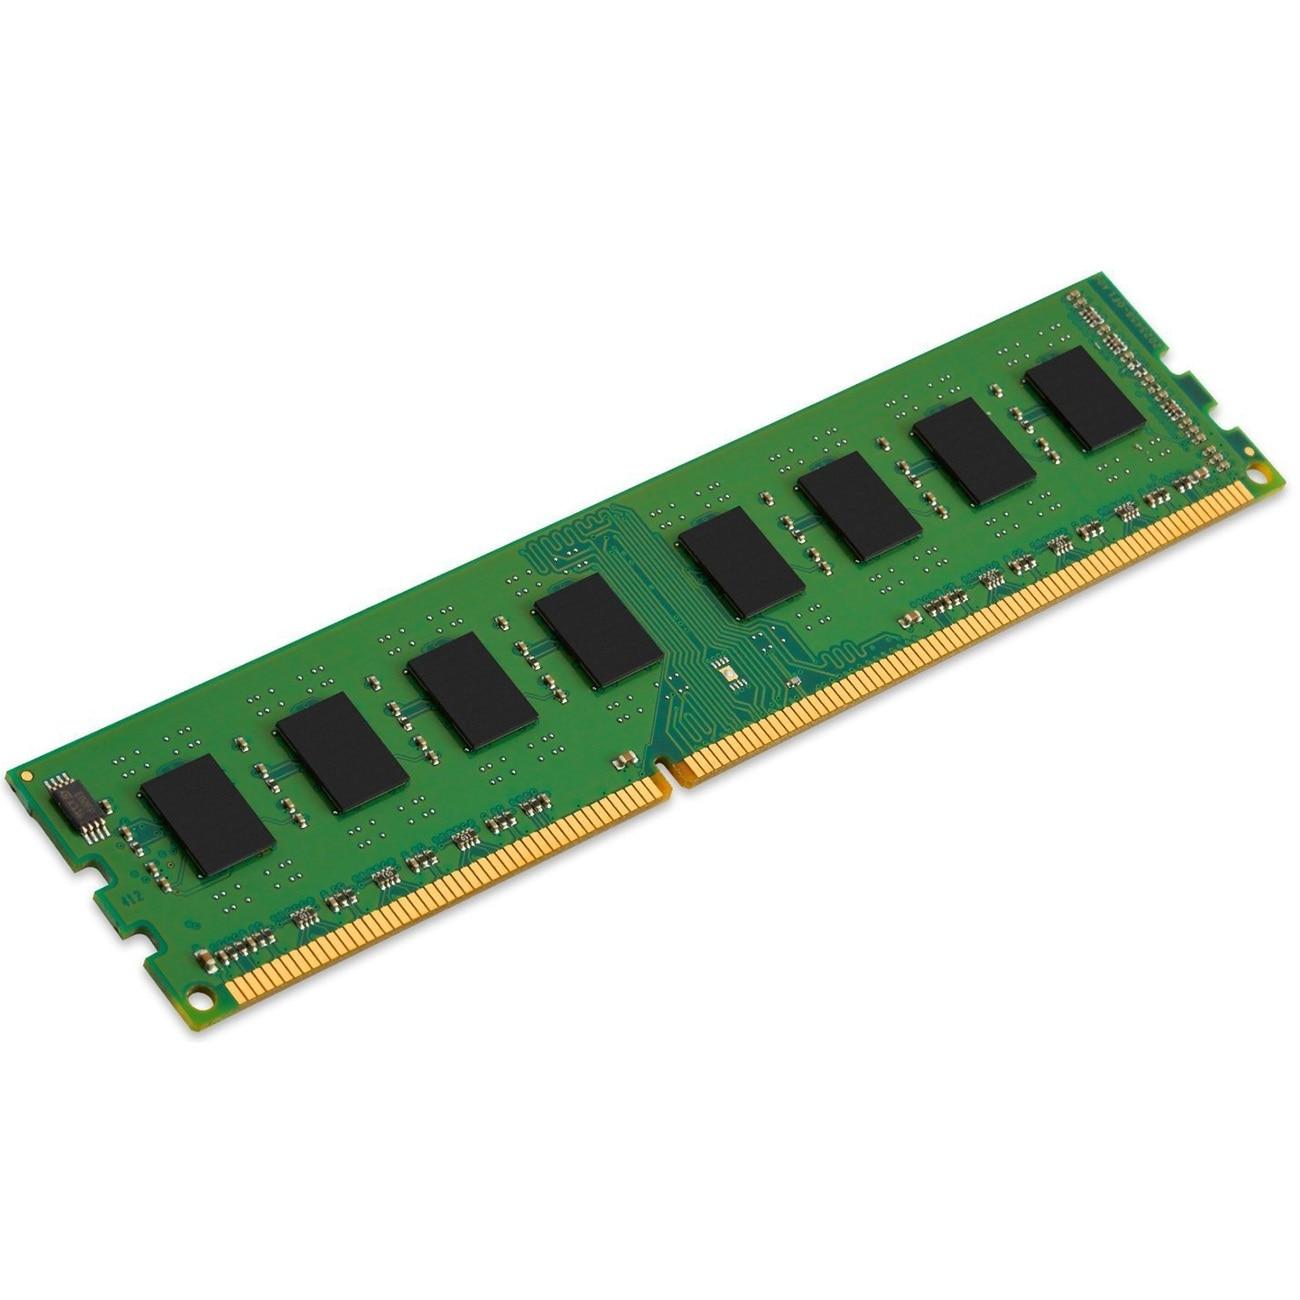 Fotografie Memorie Kingston 8GB, DDR3, 1333MHz, Non-ECC, CL9, 1.5V